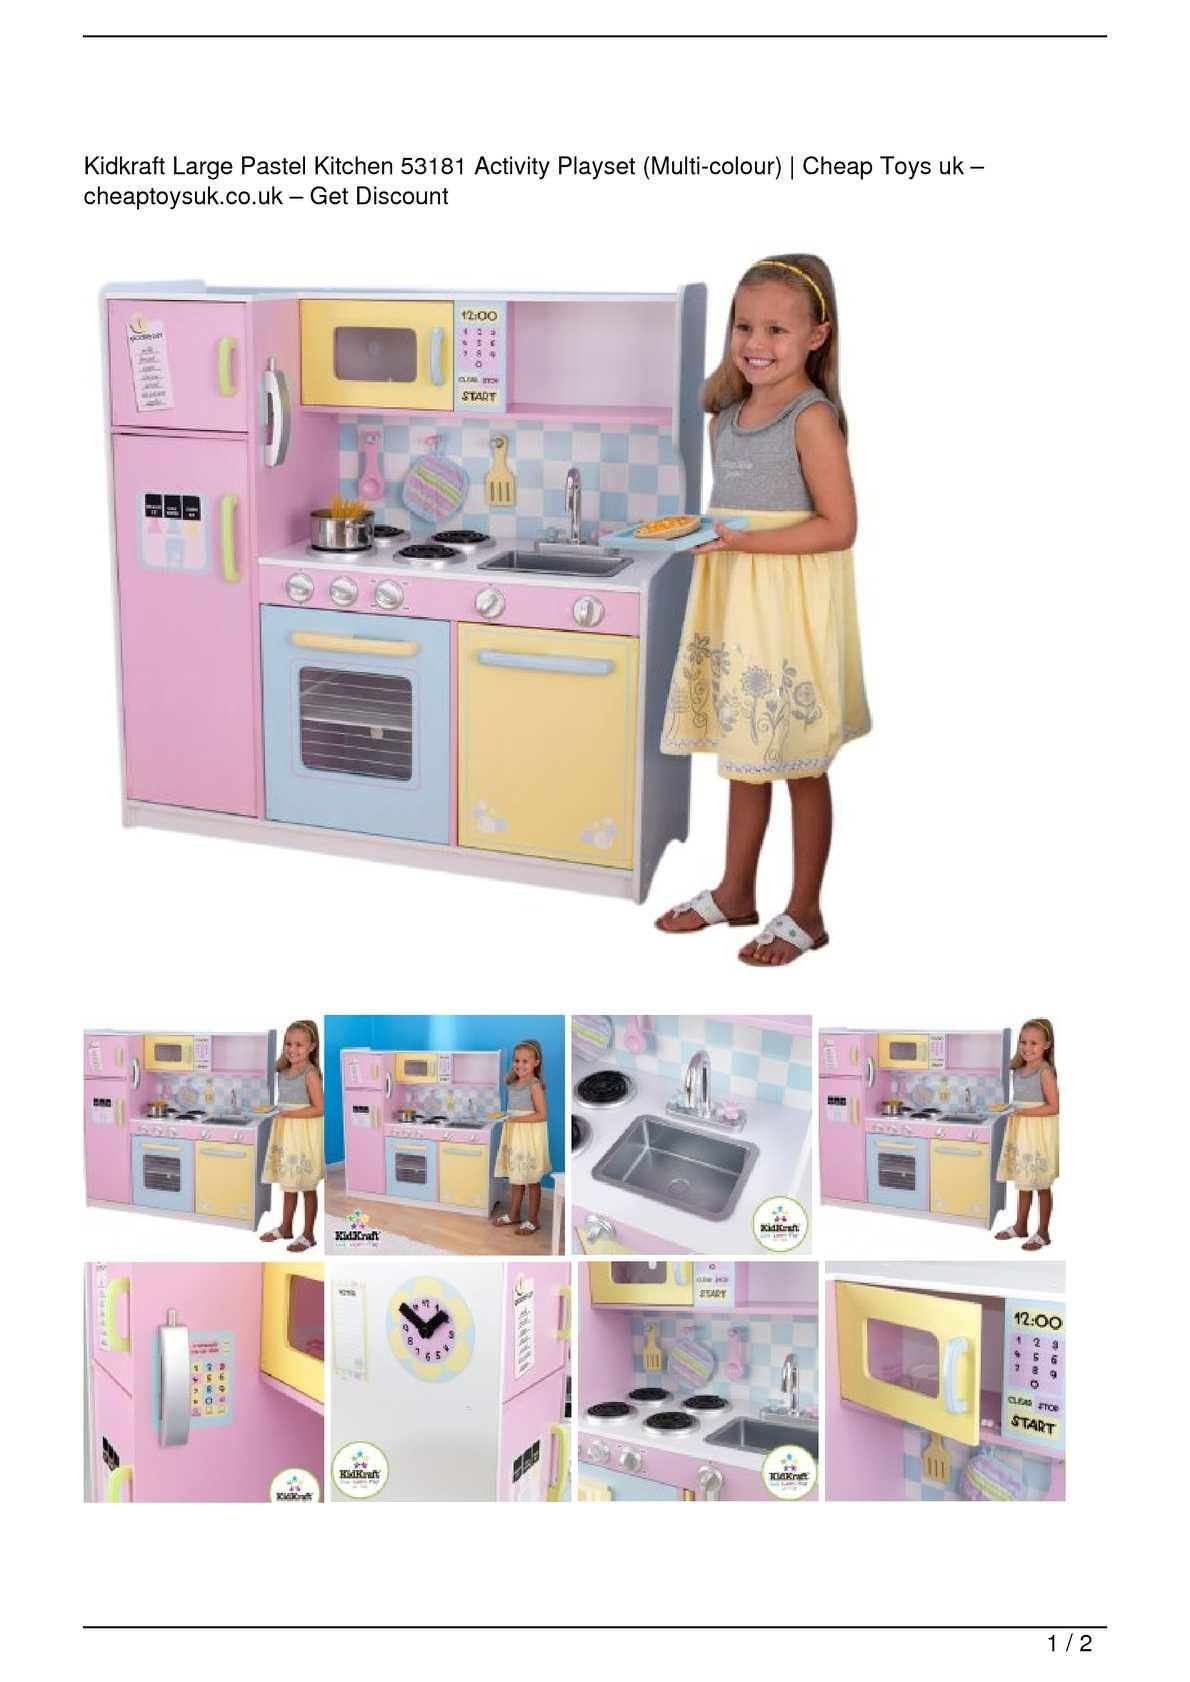 calaméo - kidkraft large pastel kitchen 53181 activity playset